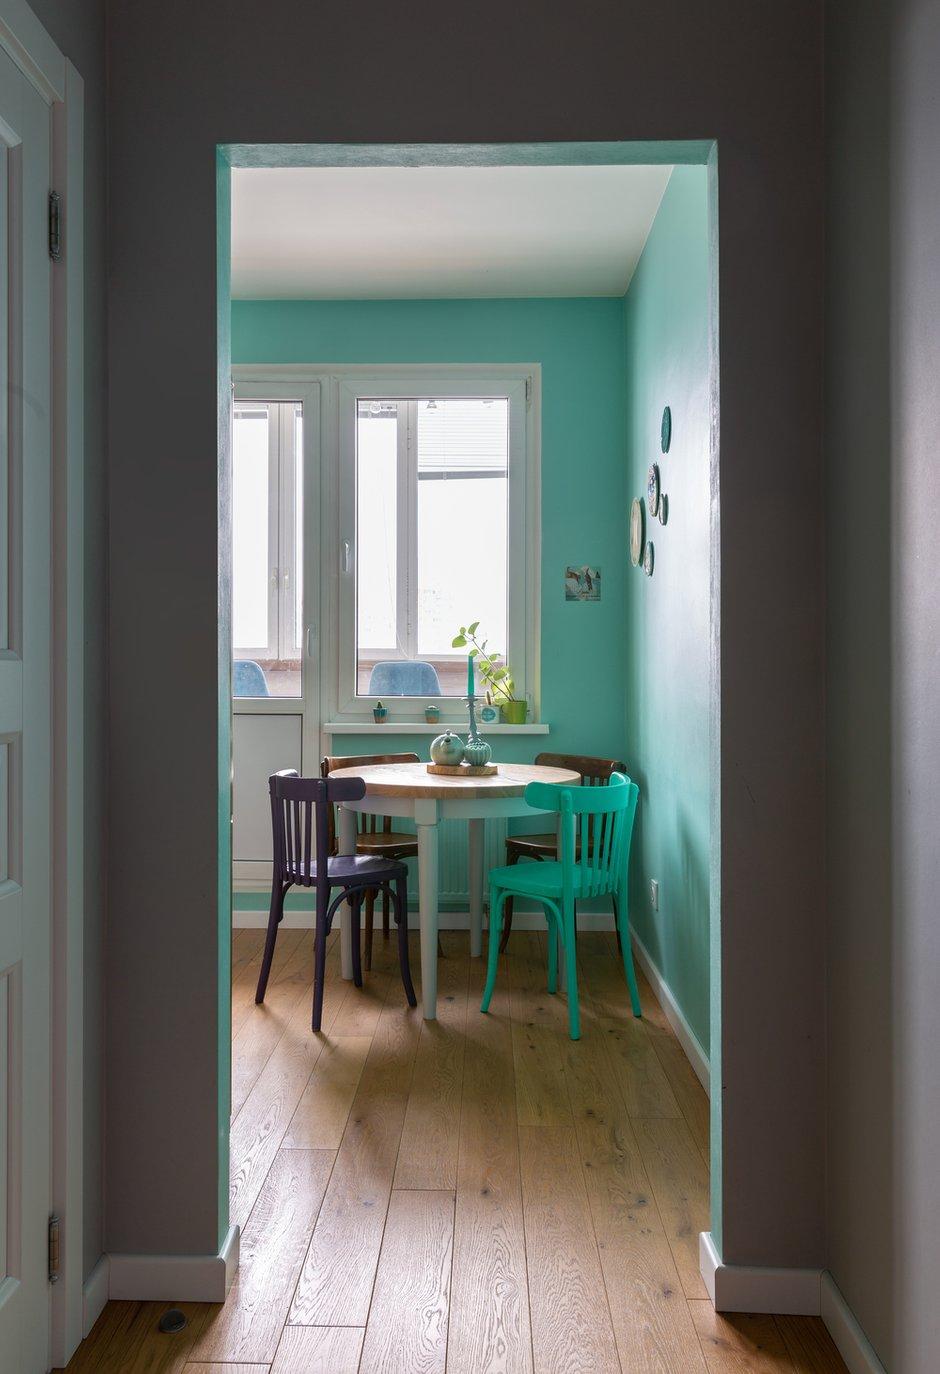 Фотография: Кухня и столовая в стиле Скандинавский, Эклектика, Квартира, Белый, Проект недели, Зеленый, Желтый, Серый, Бирюзовый, Эко, 3 комнаты, 60-90 метров – фото на INMYROOM